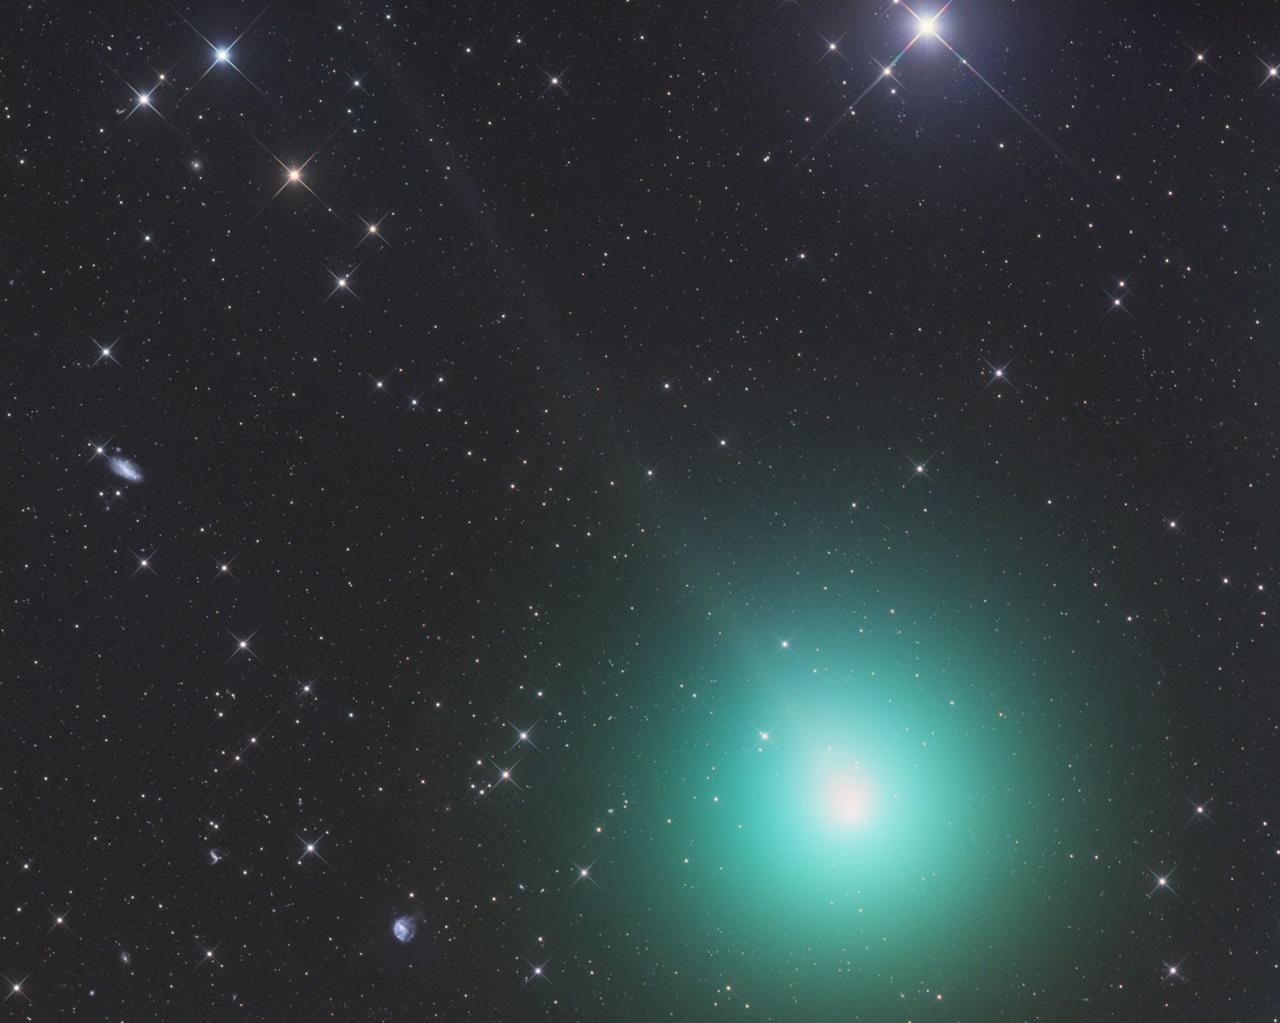 комета Виртанена в декабре 2018 года